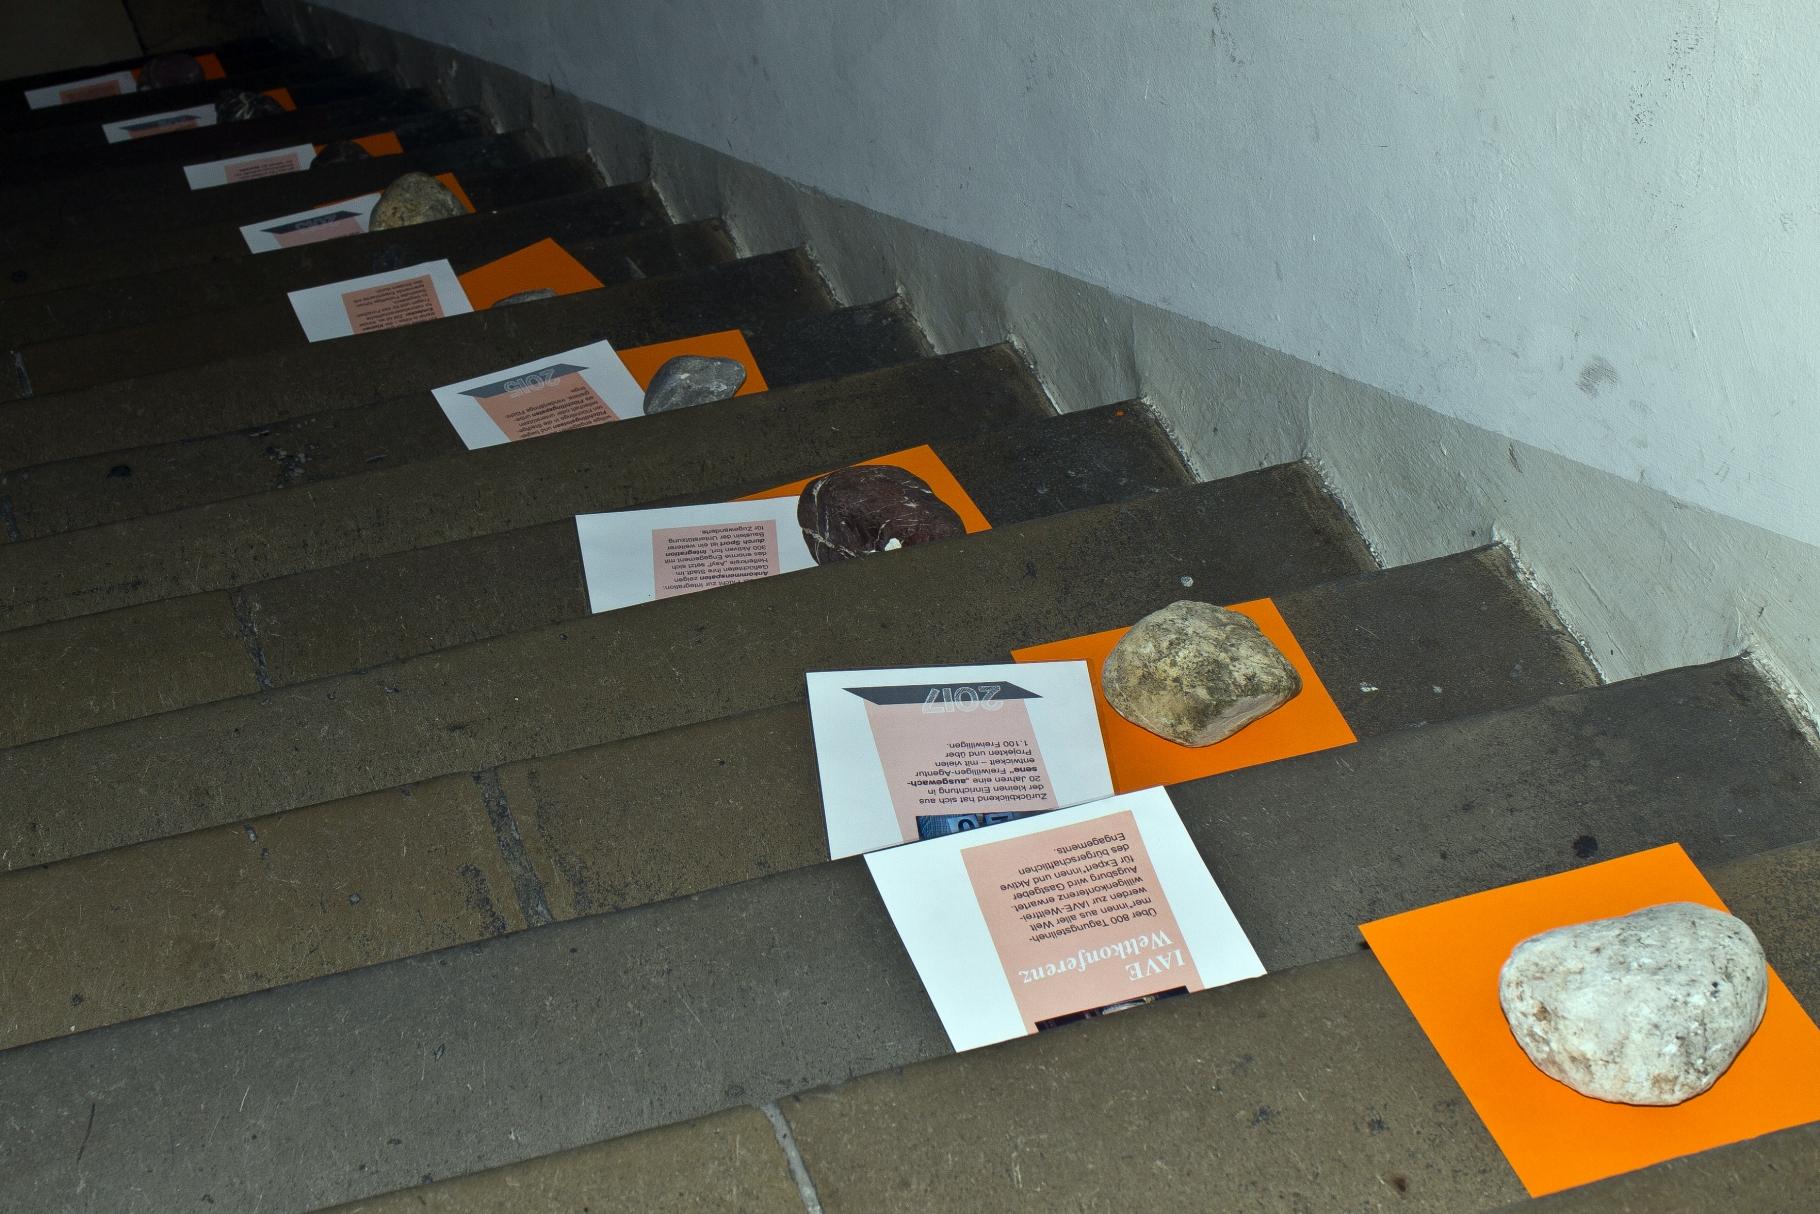 Unsere Meilensteine - Festakt 20 Jahre Freiwilligen-Zentrum Augsburg - 24.03.2017 im Goldenen Saal Rathaus Augsburg - Foto: Robert Hösle